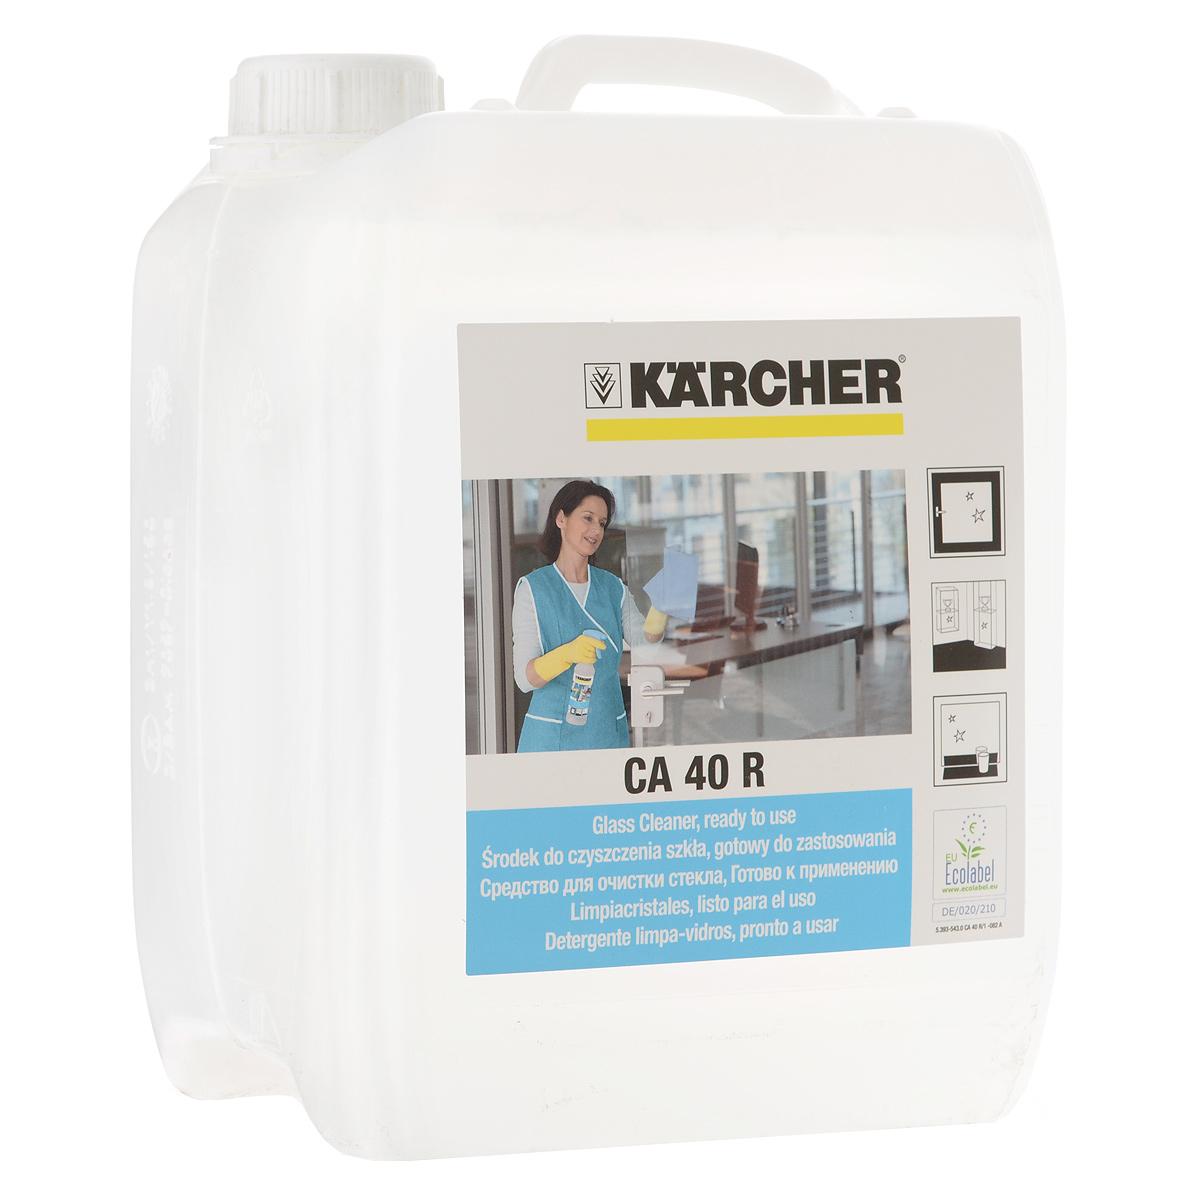 Чистящее средство Karcher CA 40 R, для очистки стекла, 5 л. 6.295-712.06.295-712.0Средство Karcher CA 40 R 6.295-712 - эффективный стеклоочиститель универсального применения. Подойдет как для генеральной уборки, так и для ежедневной очистки. При помощи средства можно очищать различные стеклянные, зеркальные поверхности, а также изделия из пластика. Без труда удаляет отпечатки от пальцев, пыль, атмосферные загрязнения. Наносится вручную, методом распыления. Быстро высыхает без полос и разводов. После использования оставляет приятный цитрусовый аромат. Средство экологически безопасно. Состав: Уровень рН: 5,2. Товар сертифицирован.